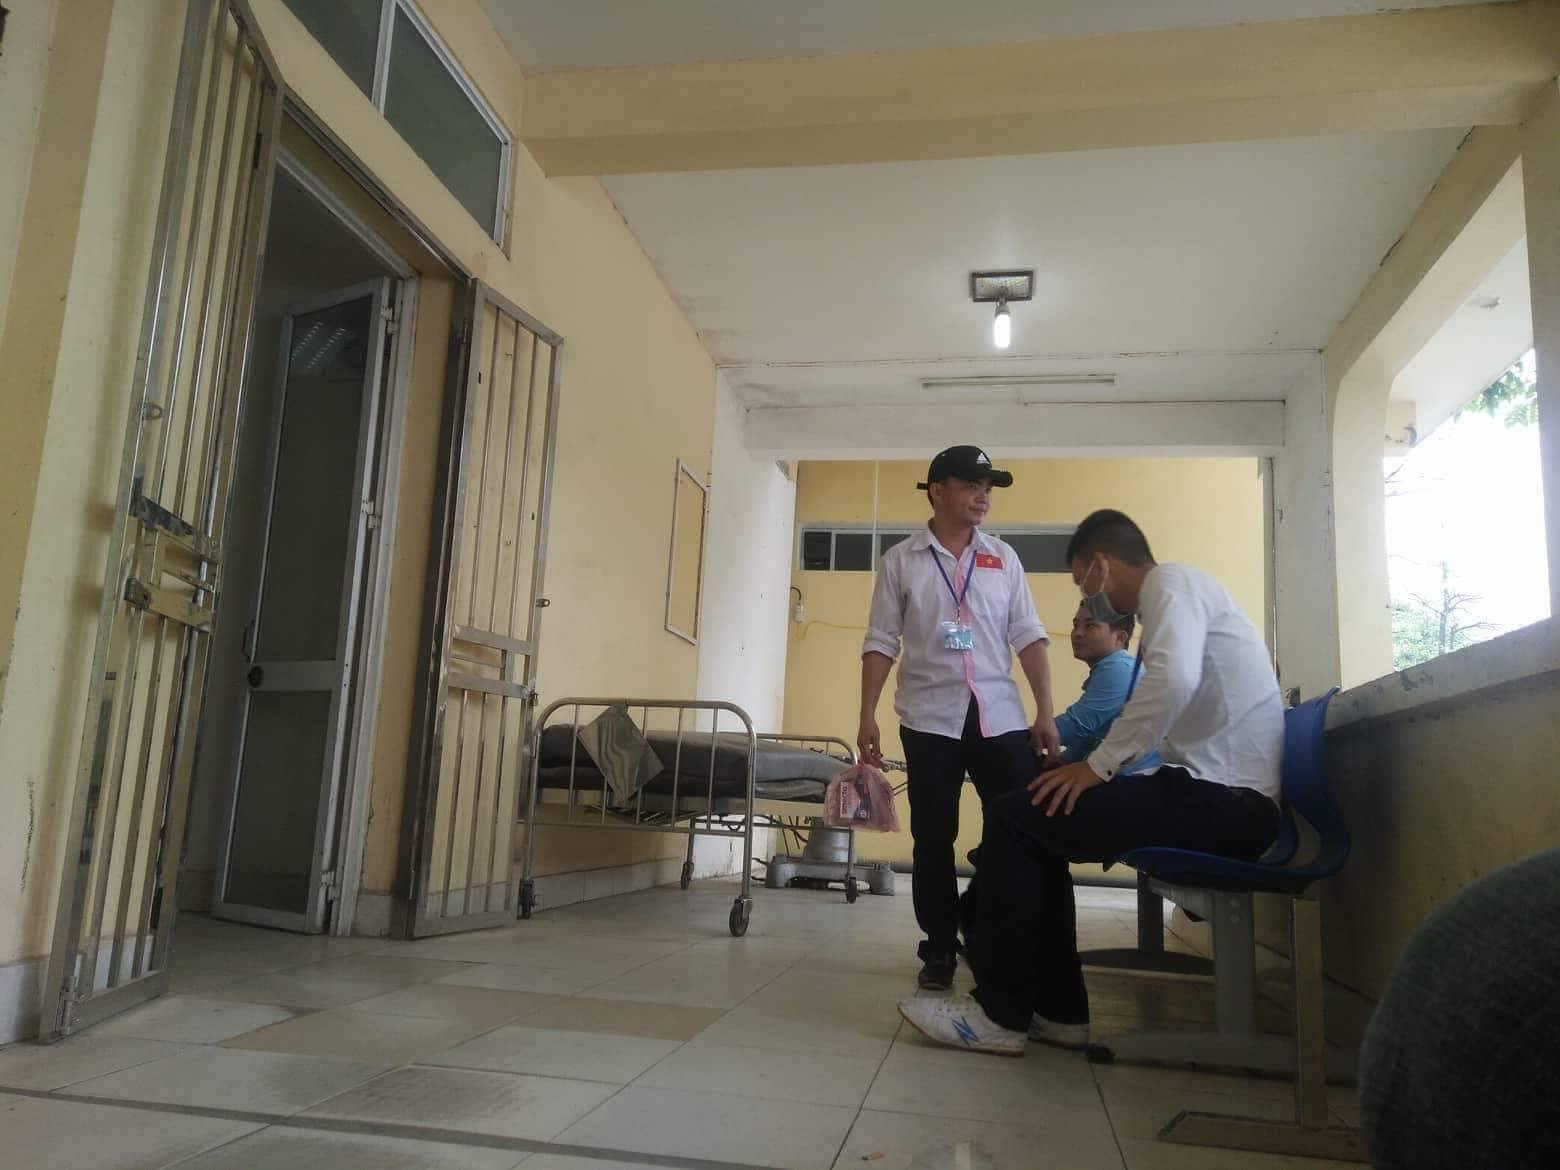 Nhiều học viên nhập viện sau bữa ăn ở Hoài Đức, cơ sở cung cấp xuất ăn chưa đạt vệ sinh ATTP